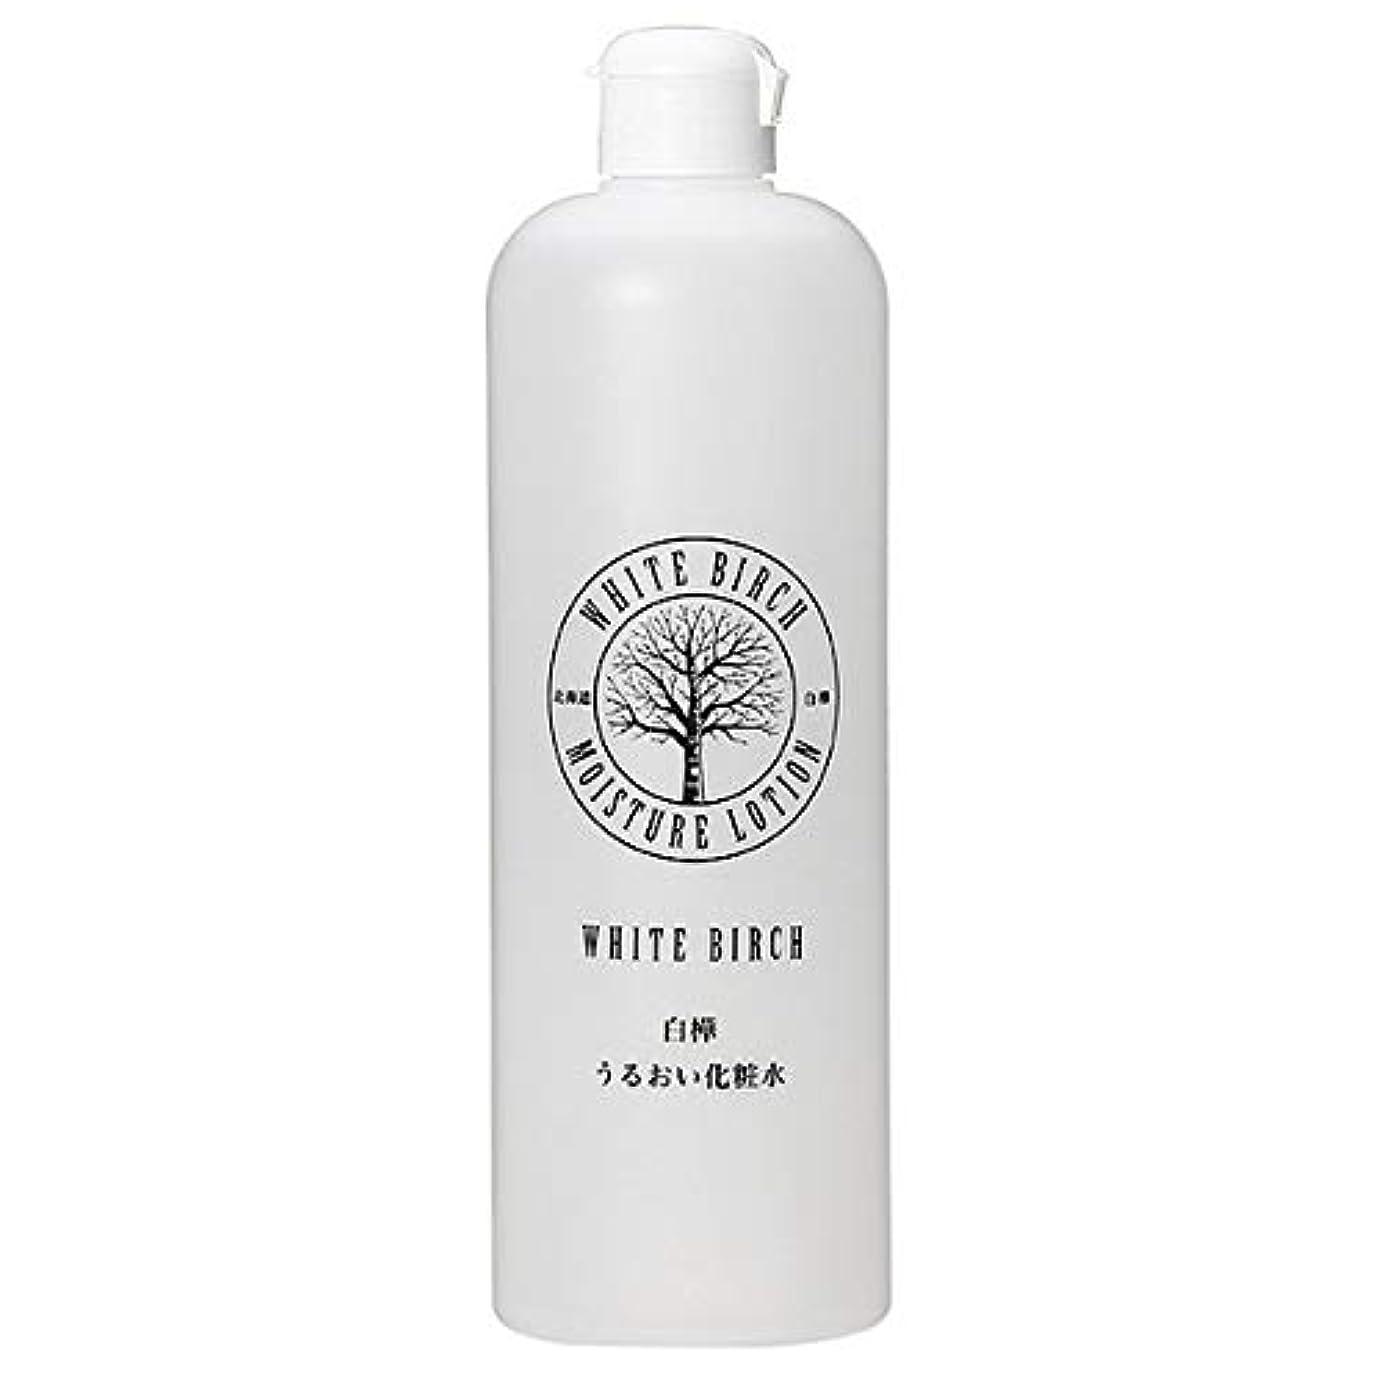 ファランクス大胆な雑品北海道アンソロポロジー 白樺うるおい化粧水 500mL